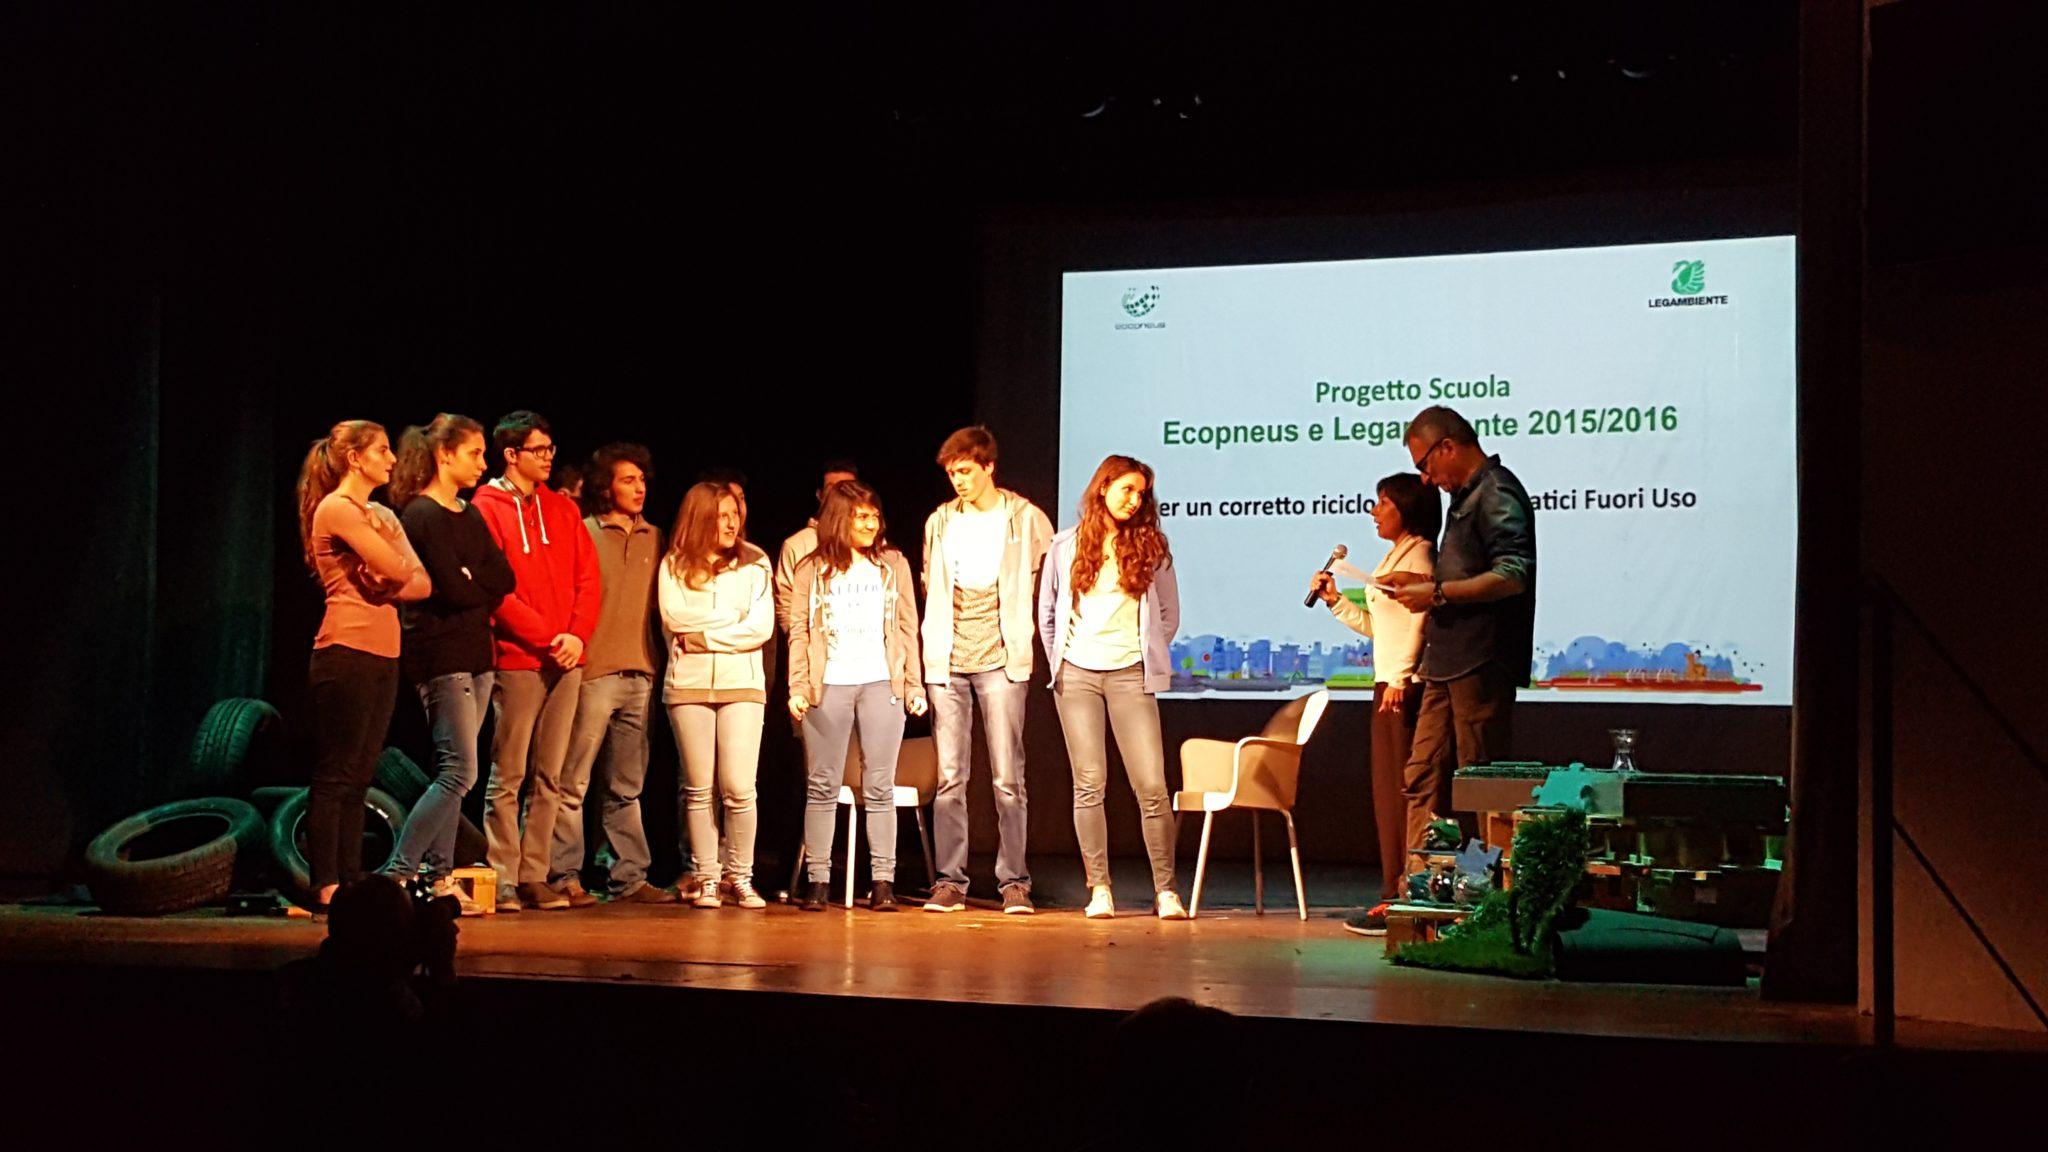 Per tre scuole di Aosta, Vercelli e Cuneo campi sportivi in gomma riciclata grazie al progetto di Legambiente ed Ecopneus